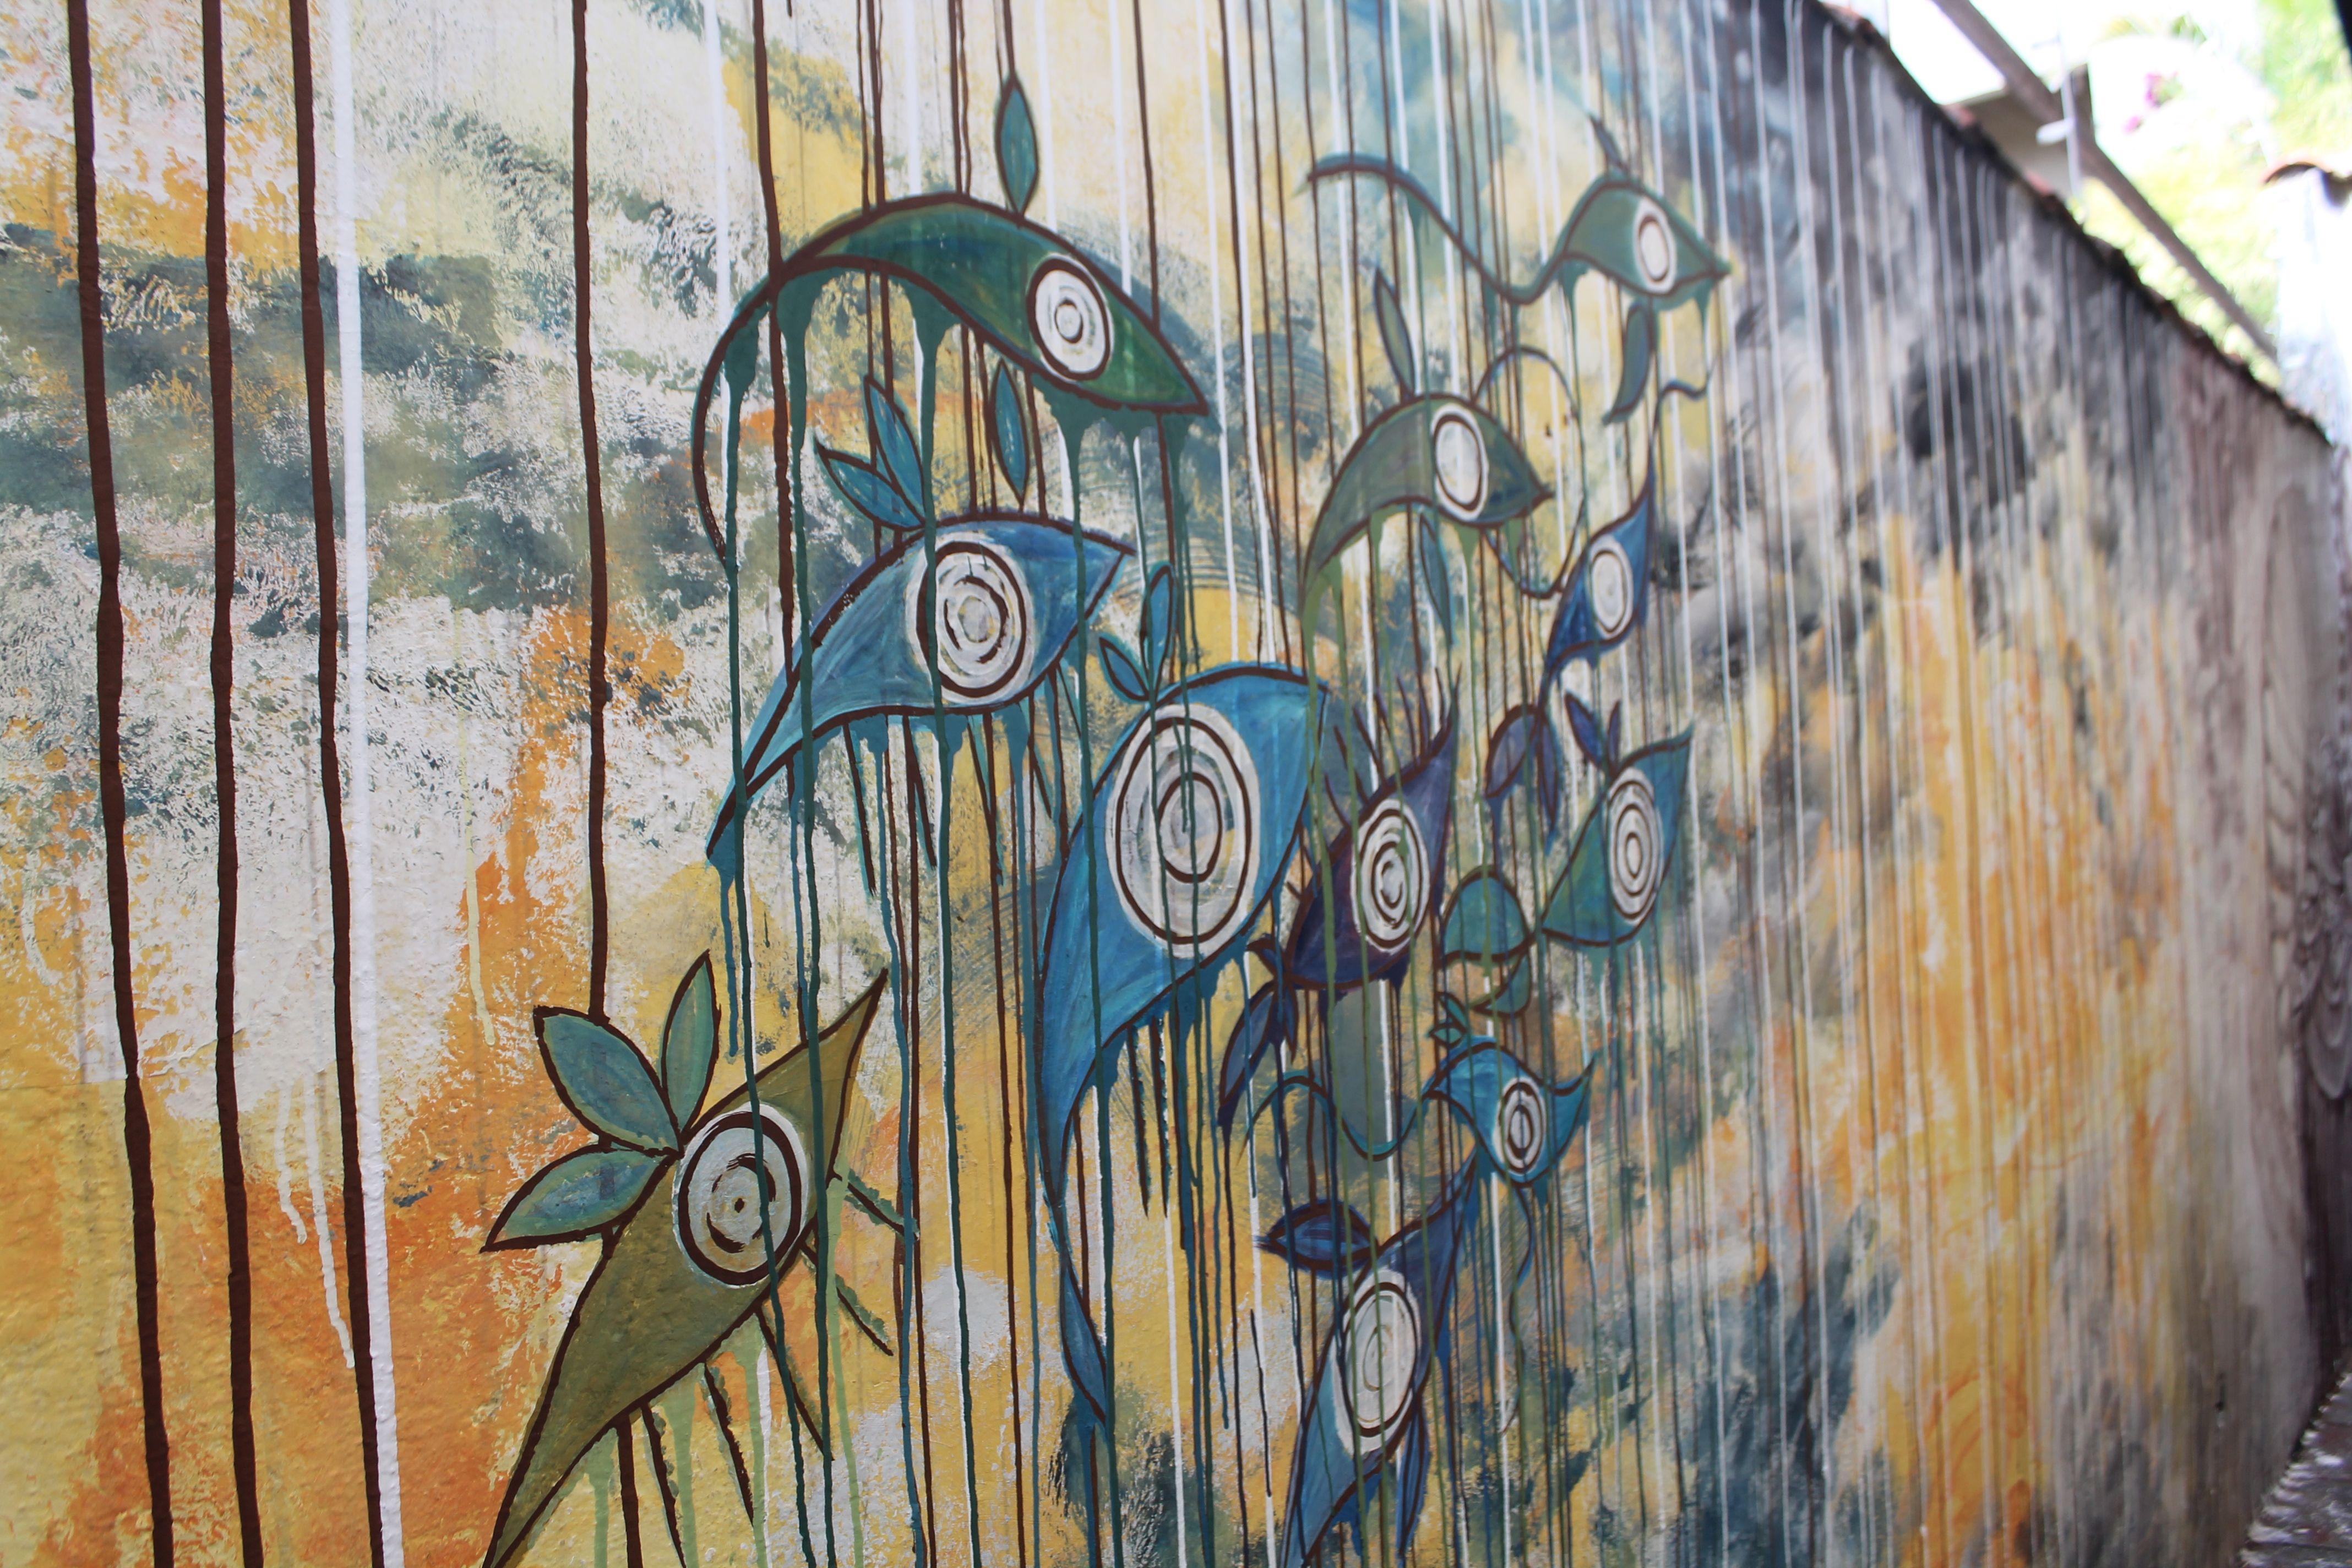 Interagindo com manchas e escorridas de tempo, manchando e escorrendo com tempo. Bruna Rizzotto e Beatris de Campos - Movimento CORagente - Vila Madalena, São Paulo.